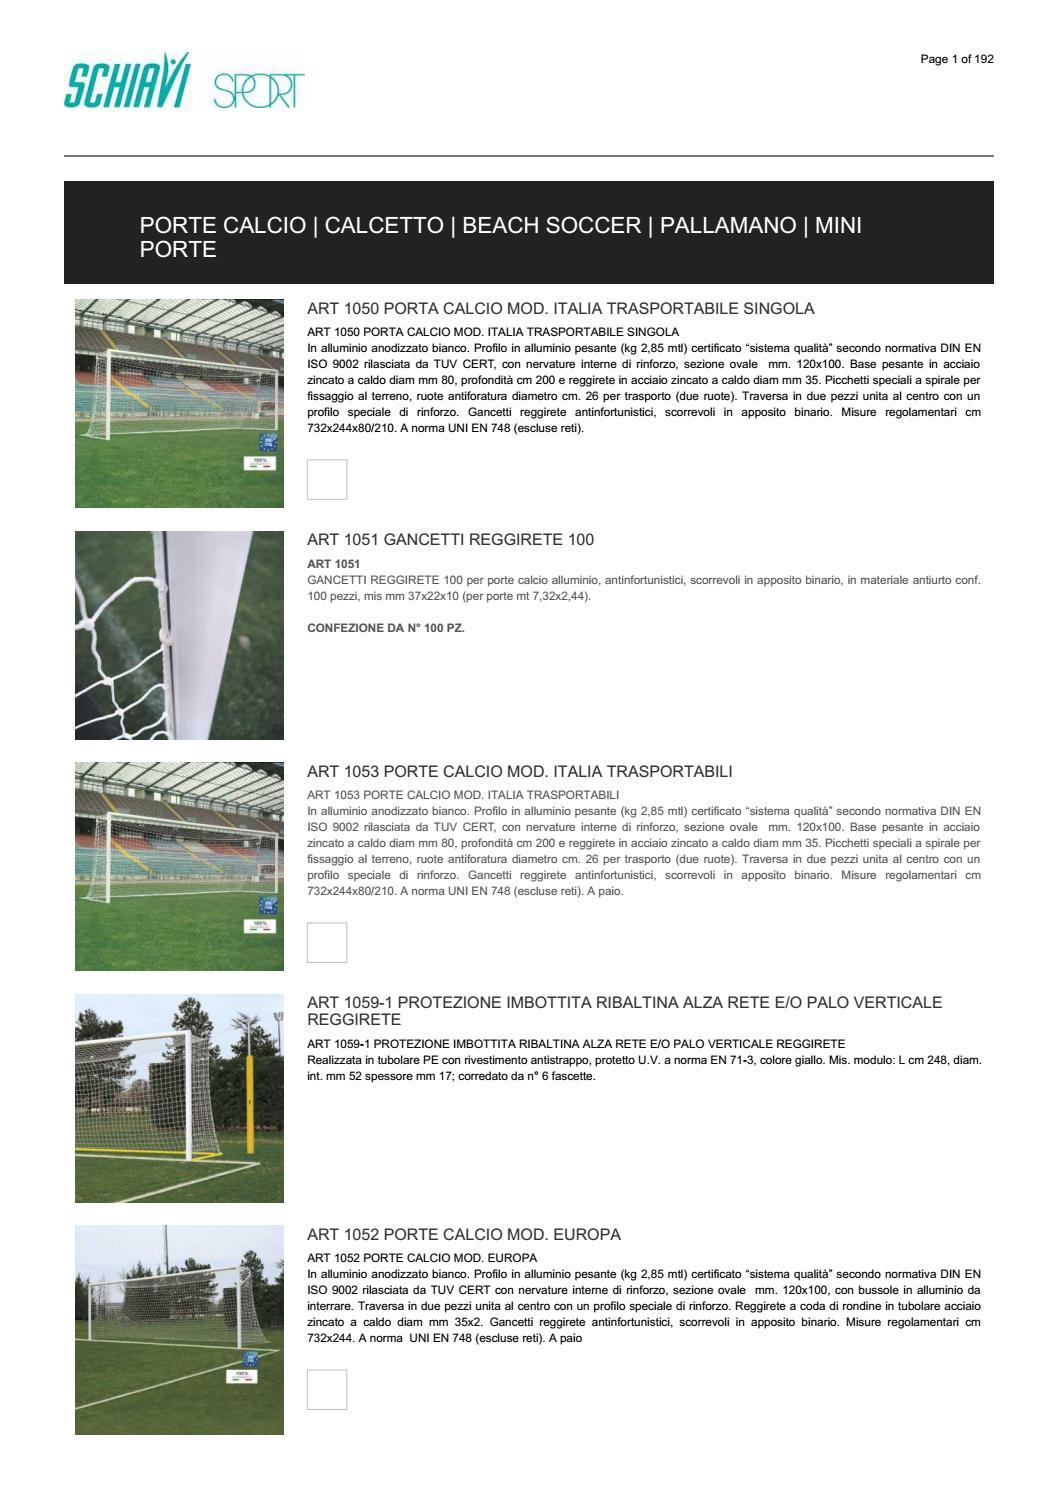 Tendirete volley ottone SCHIAVI SPORT manovella asportabile rete pallavolo gioco